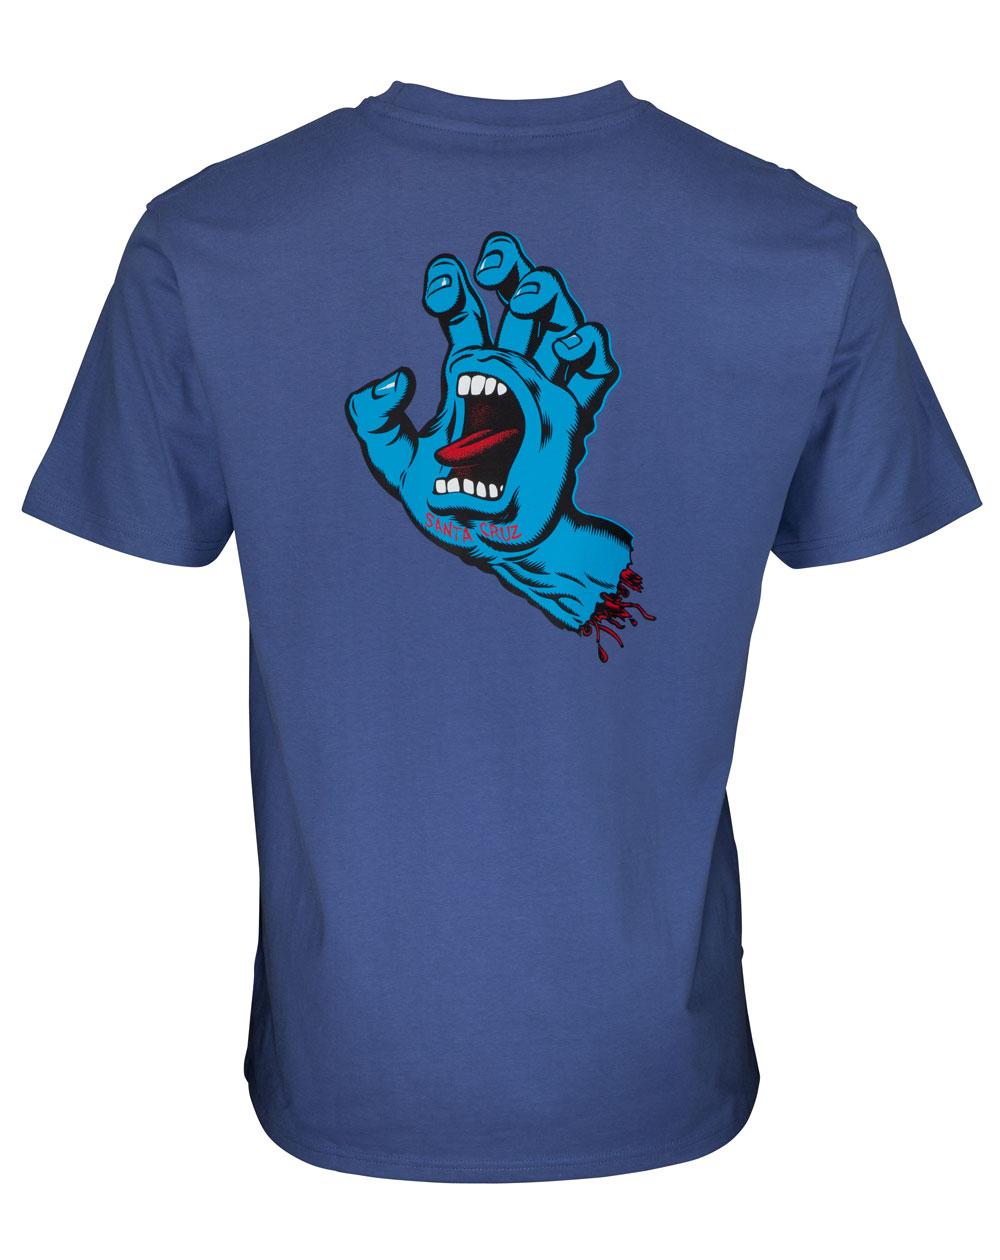 Santa Cruz Screaming Hand Chest Camiseta para Homem Washed Navy